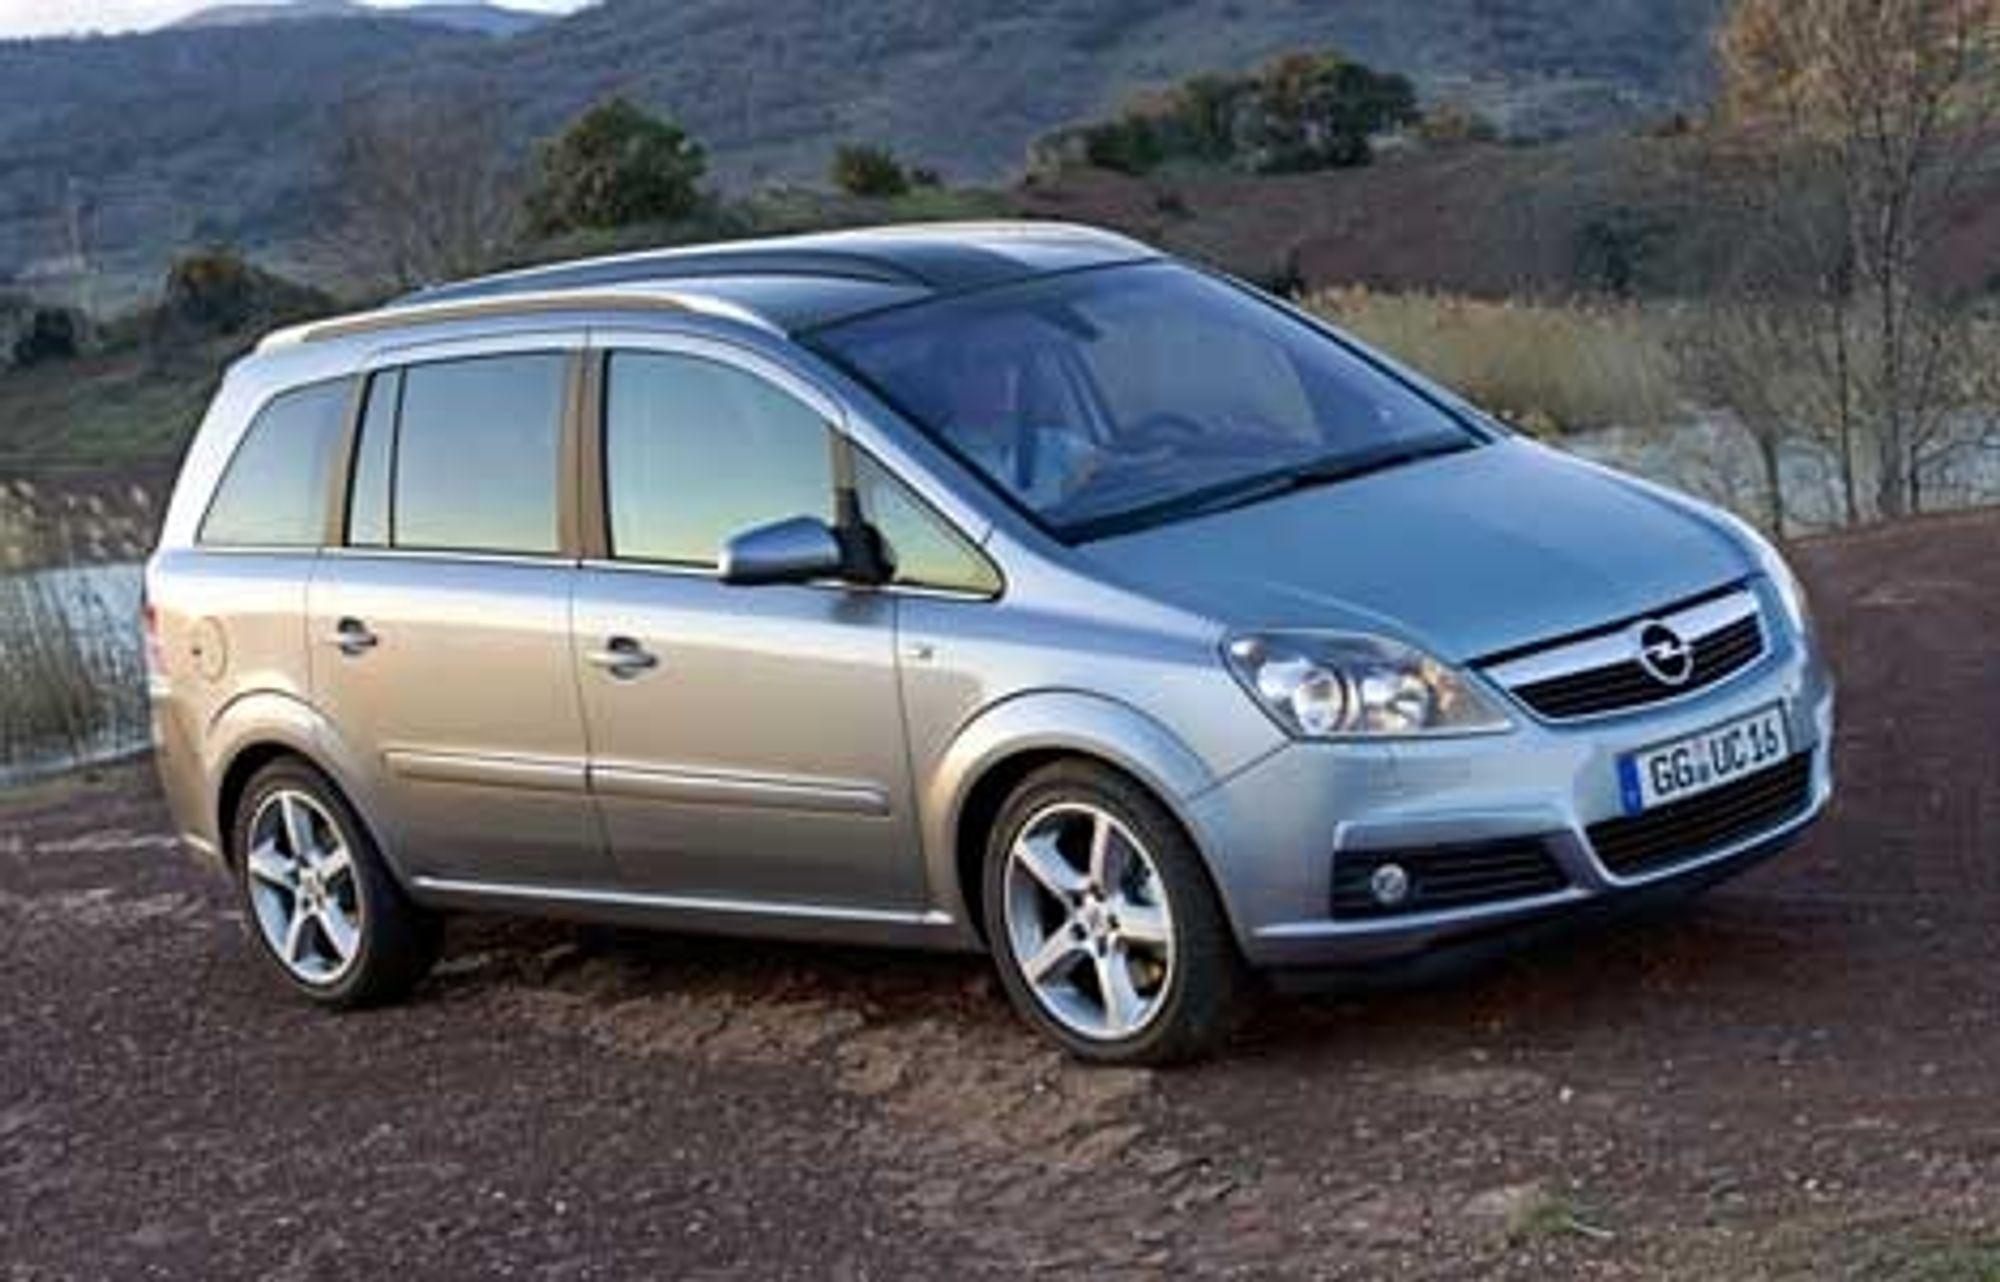 Opel har pusset opp sin lille syvseter Zafira. Den kommer til Norge i august. Bilen leveres med syv motoralternativ, fire bensin- og tre dieselvarianter fra en 1.6 liter til 2.2, 100 hk/74 kW til 200 hk/148 kW. FOTO: GM